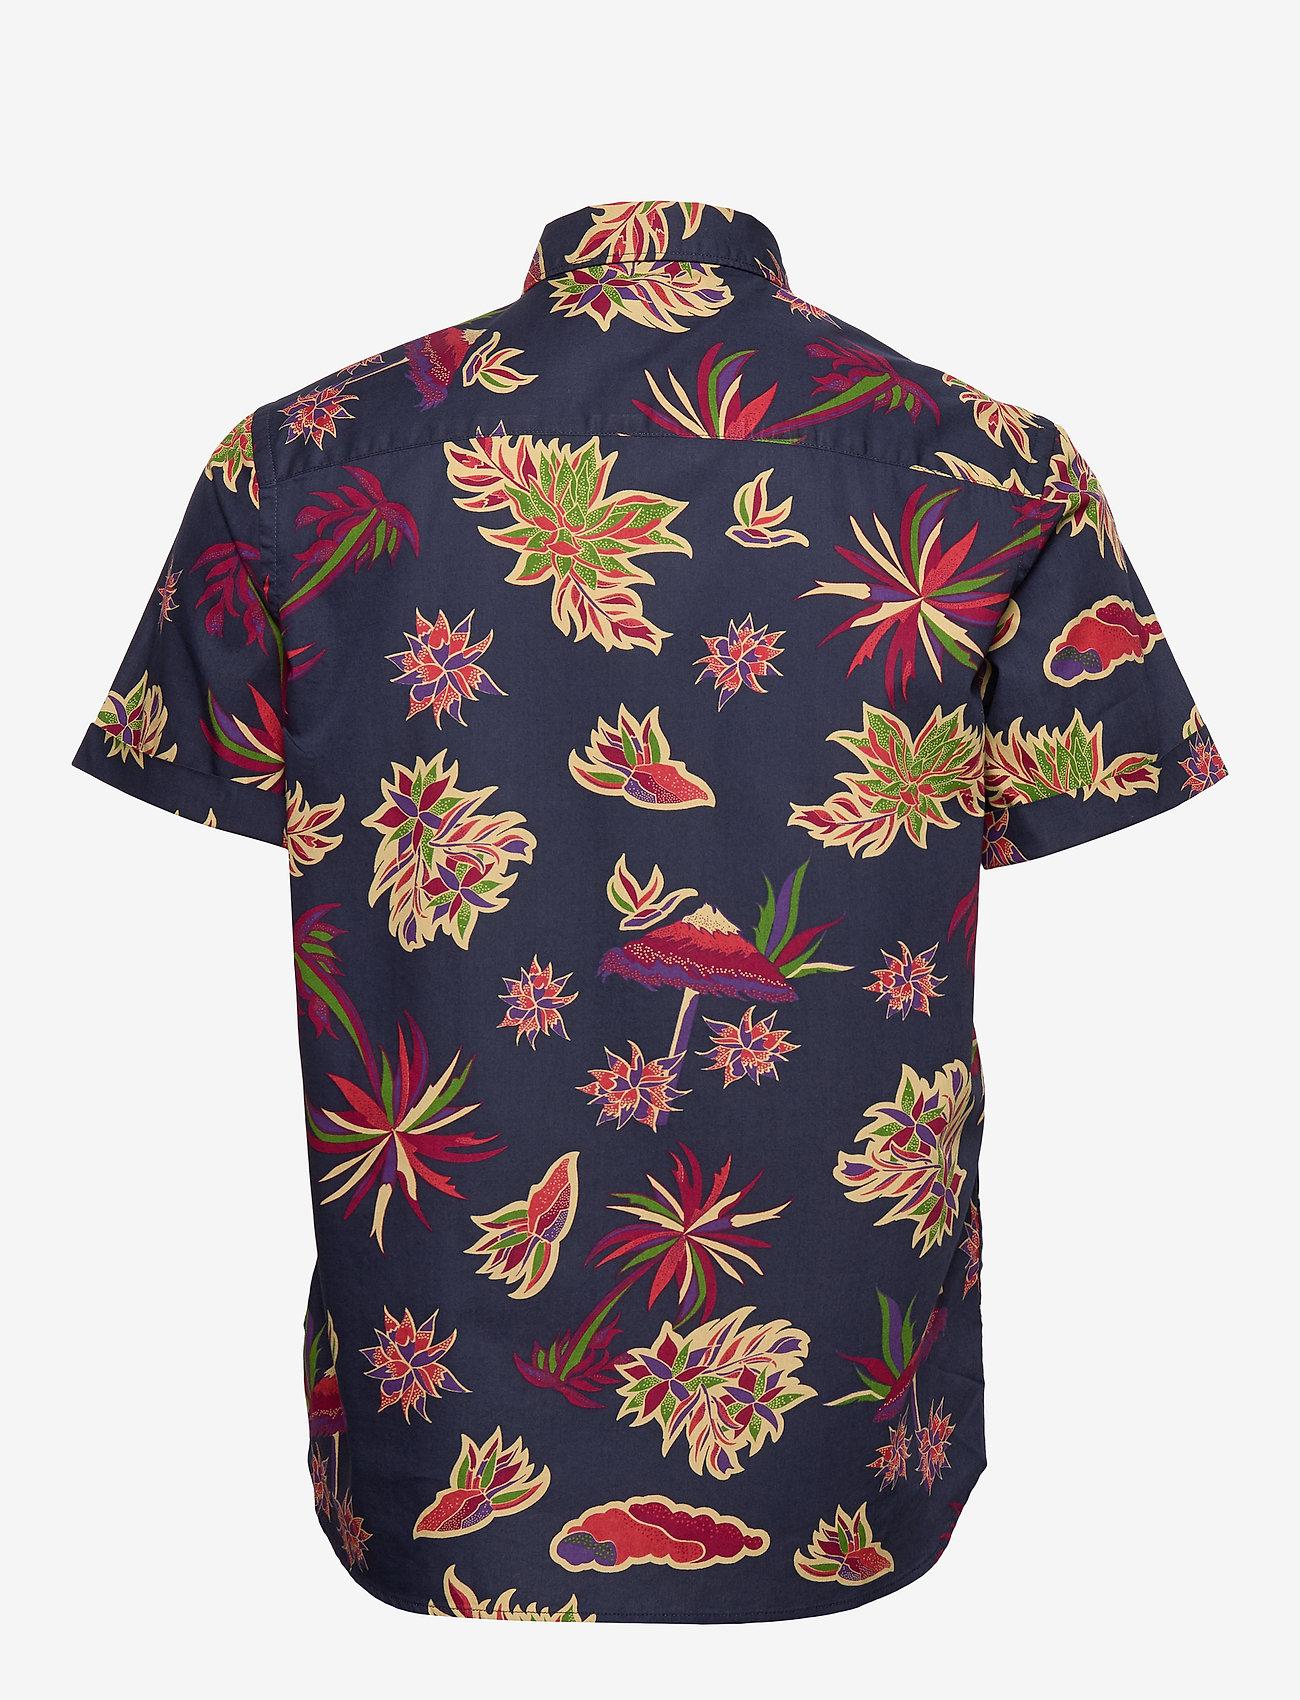 Scotch & Soda - REGULAR FIT- All-over printed shortsleeve shirt - kortærmede skjorter - combo h - 1